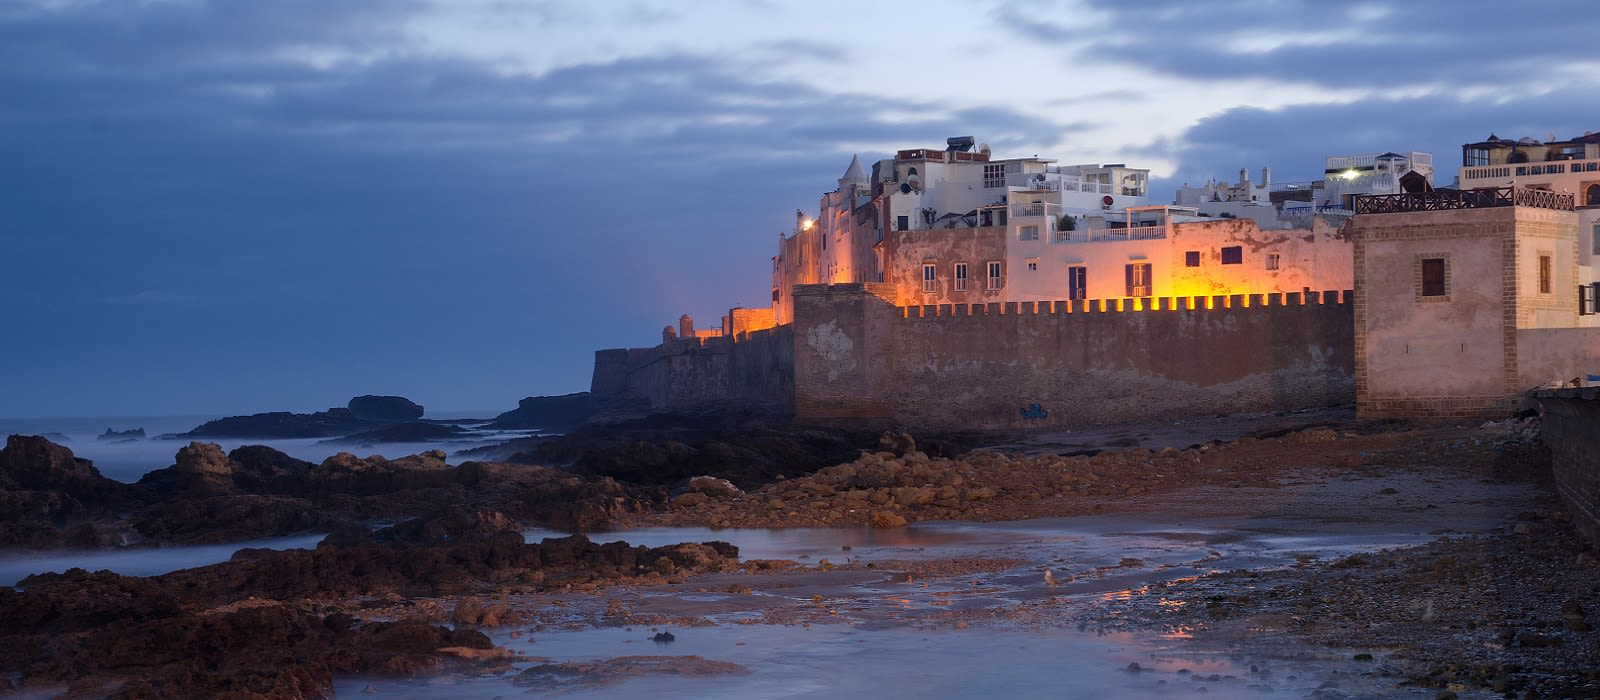 Marokko: Geschäftige Souks, majestätische Gipfel & goldene Sahara Urlaub 5